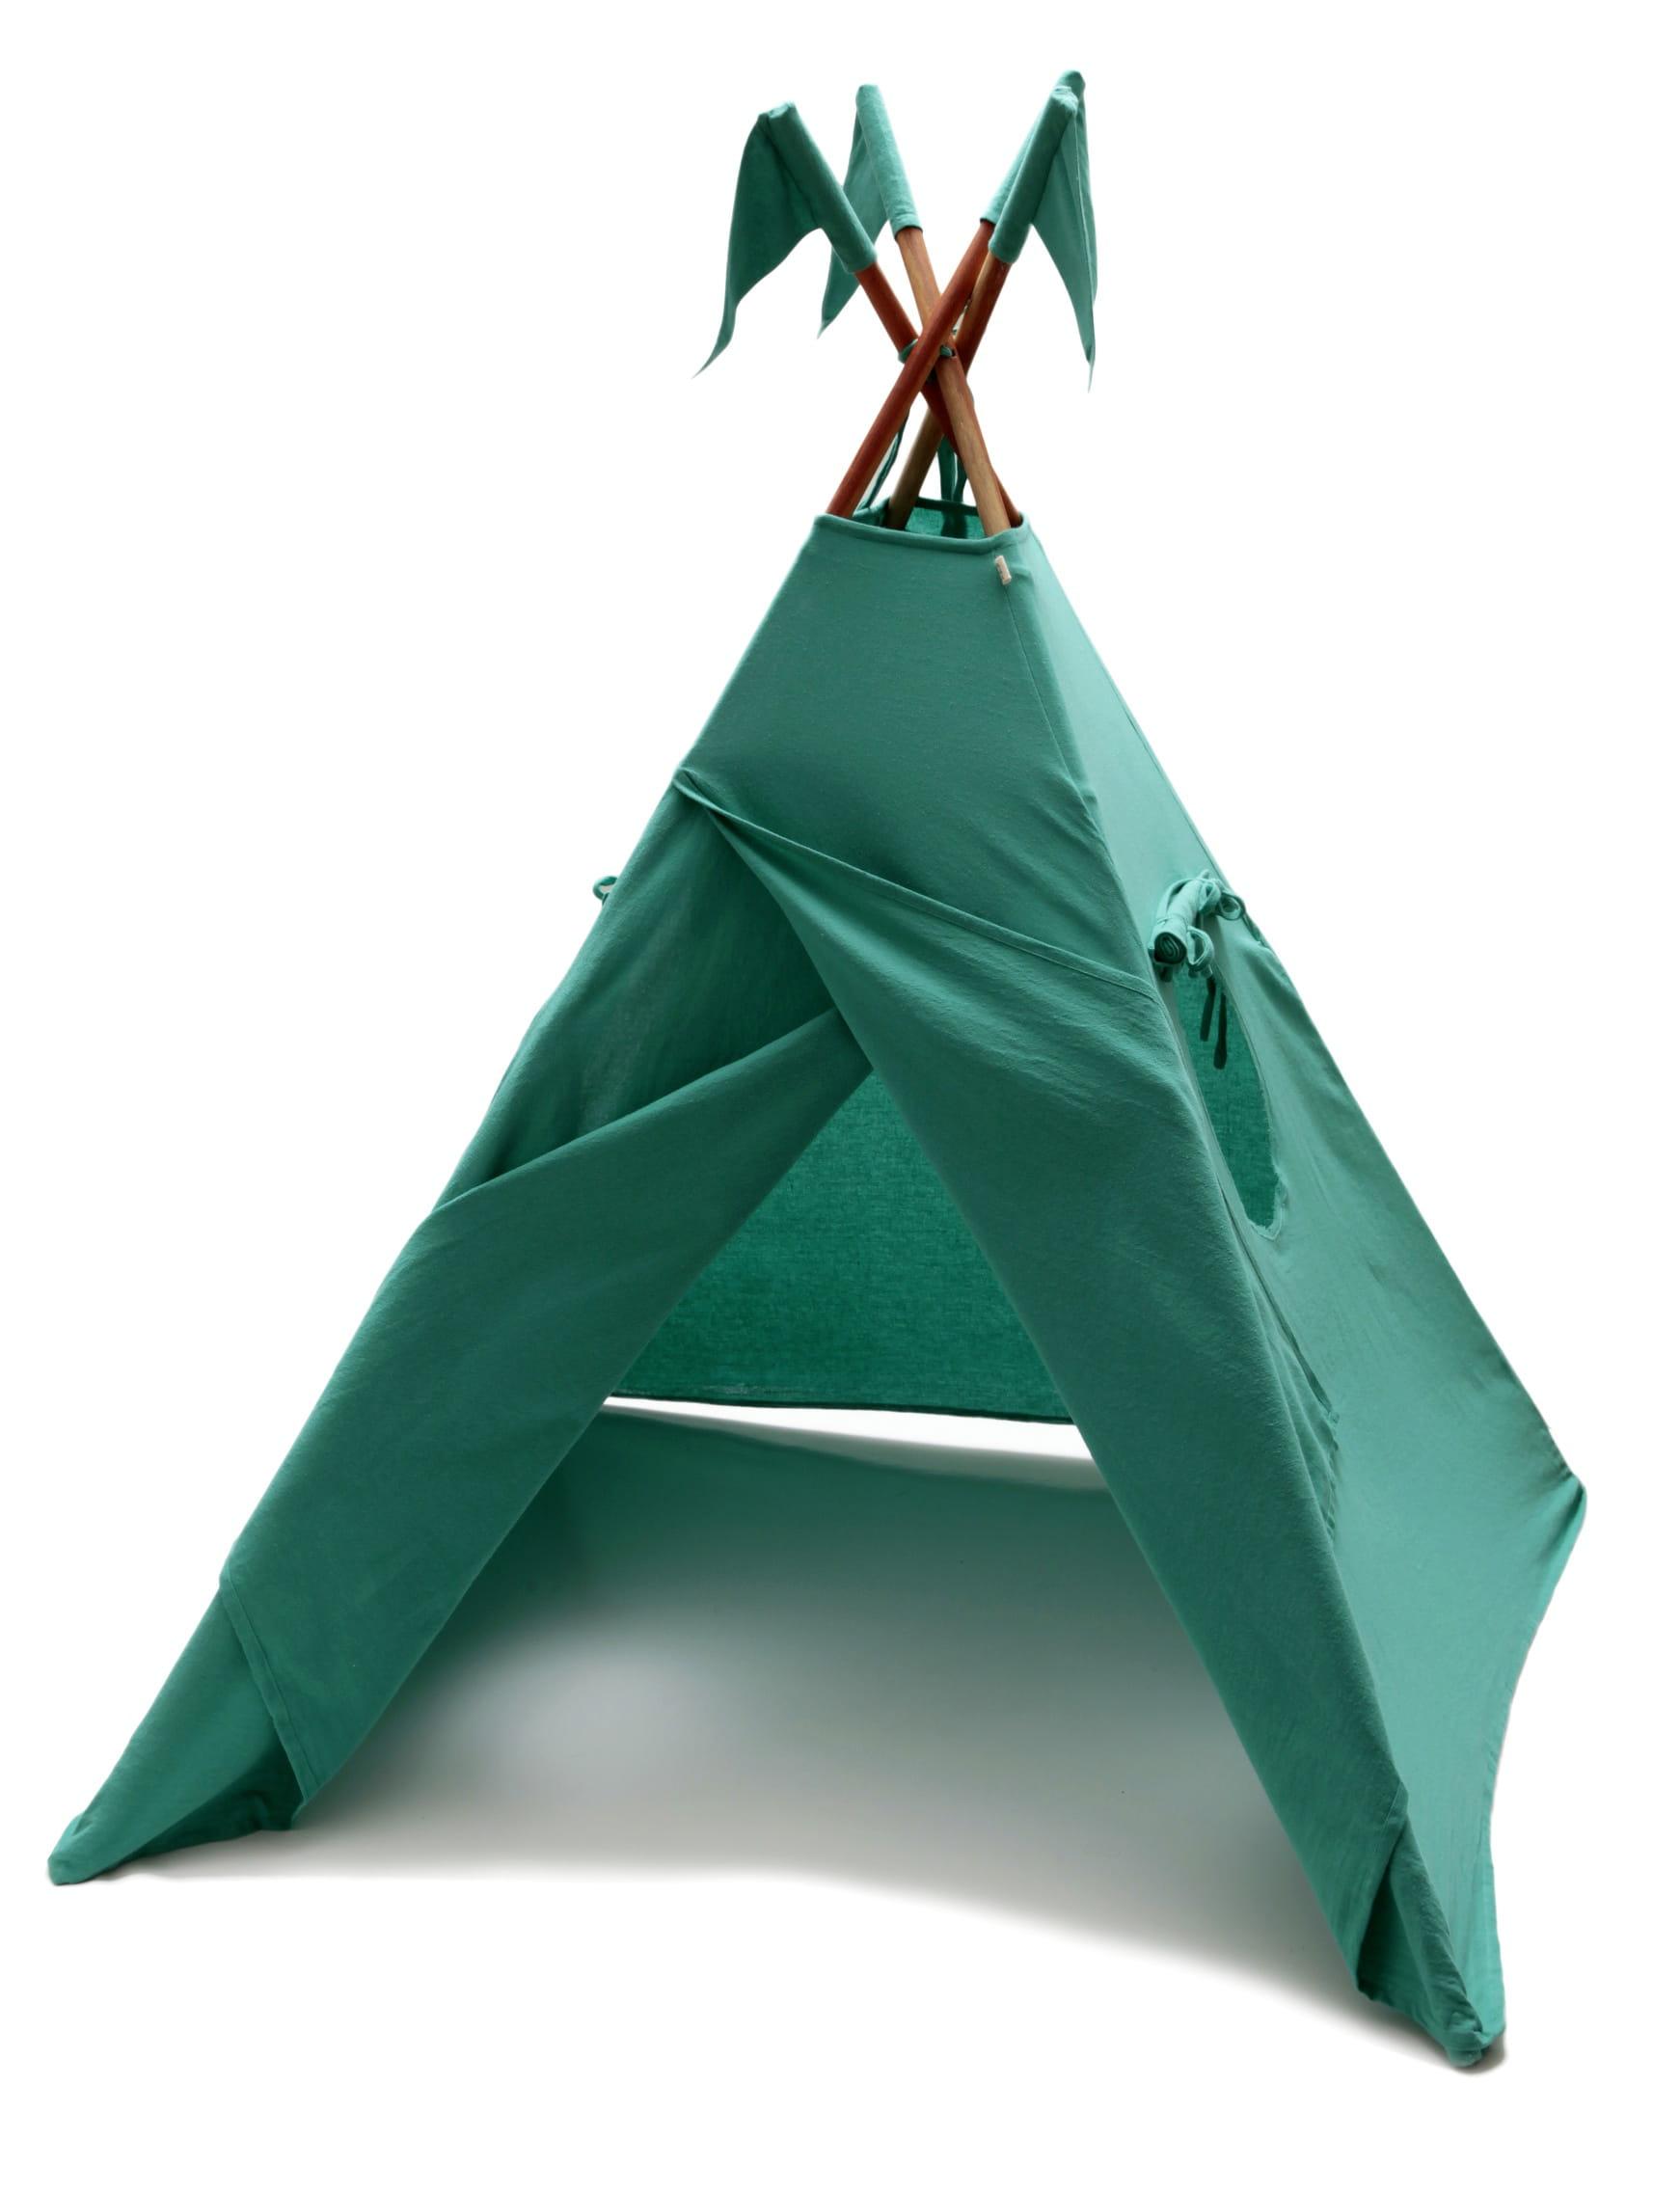 tipi vert numero 74 cabanes et tipis pour enfant tous. Black Bedroom Furniture Sets. Home Design Ideas